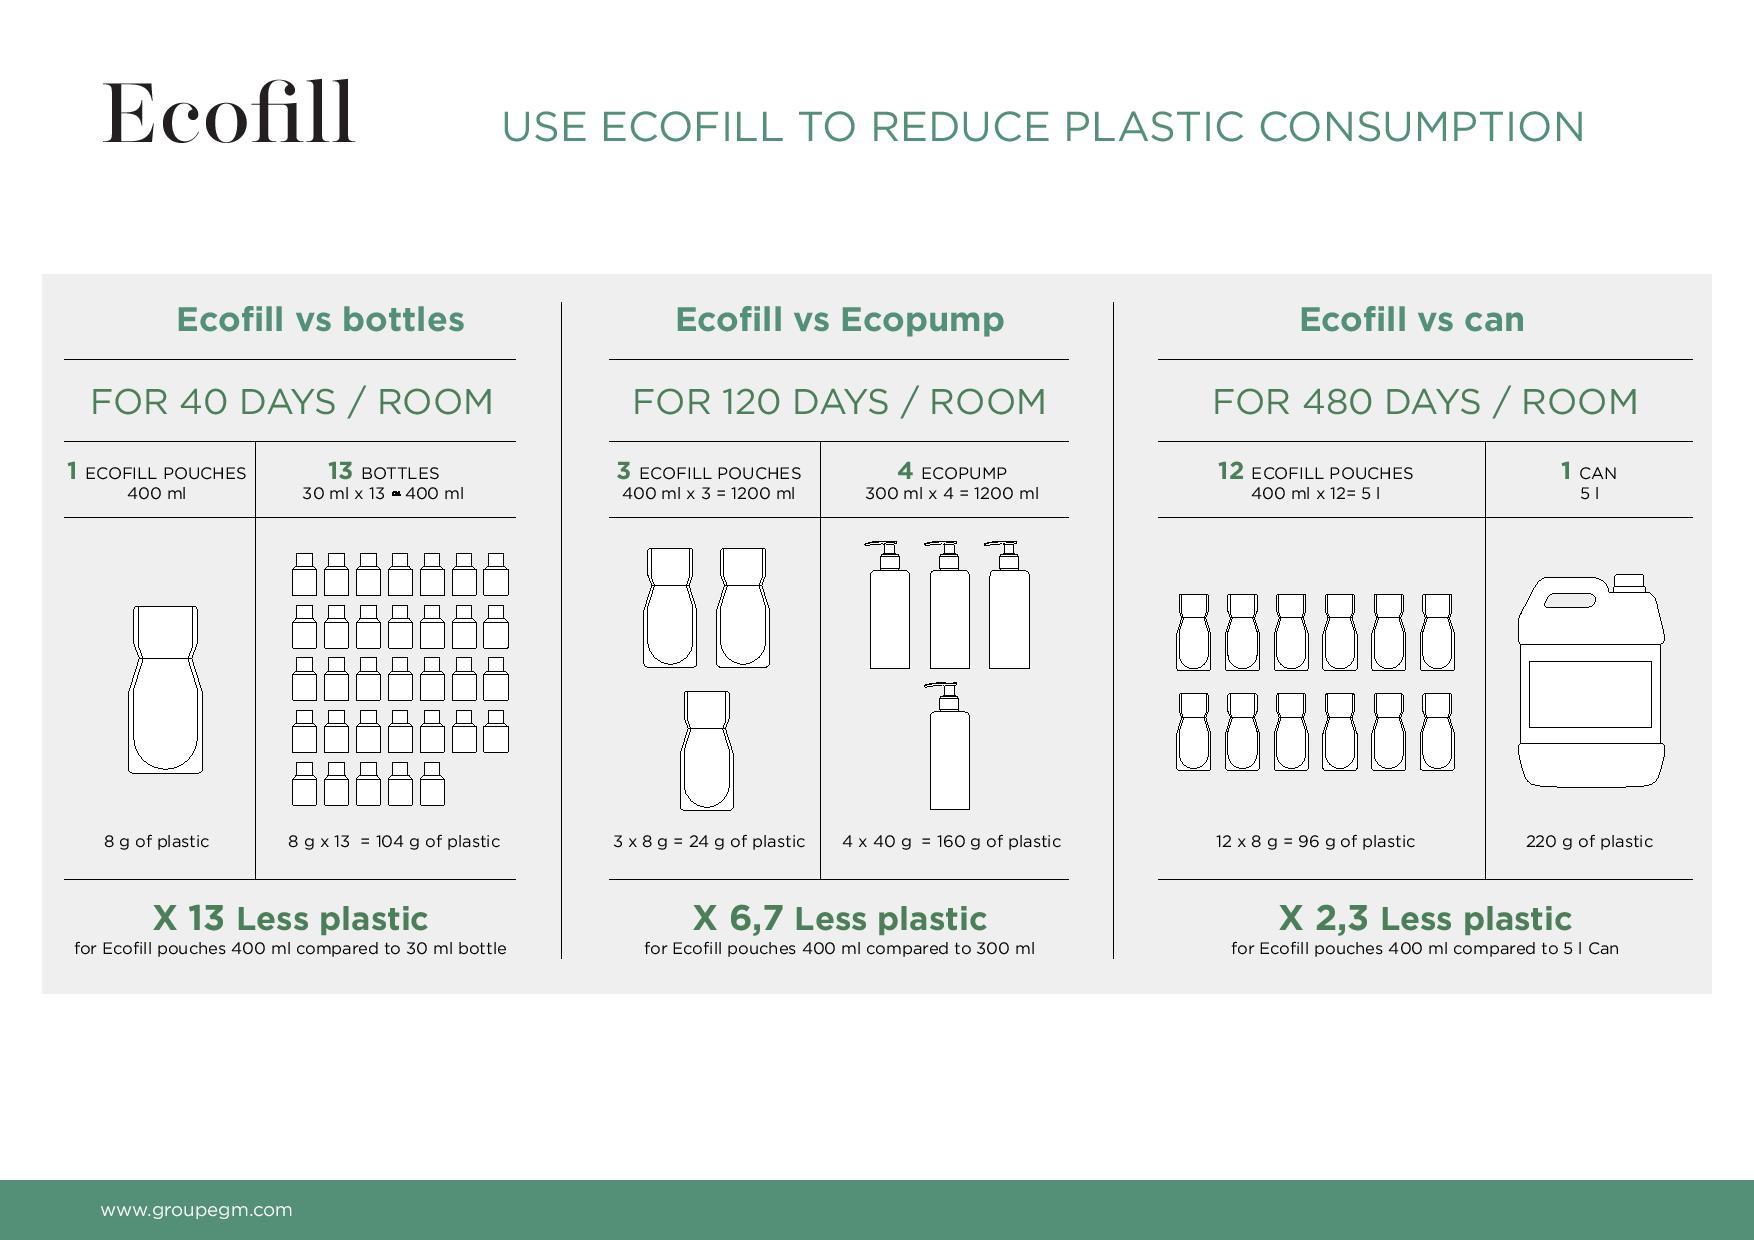 Ecofill szacowany czas dozownika